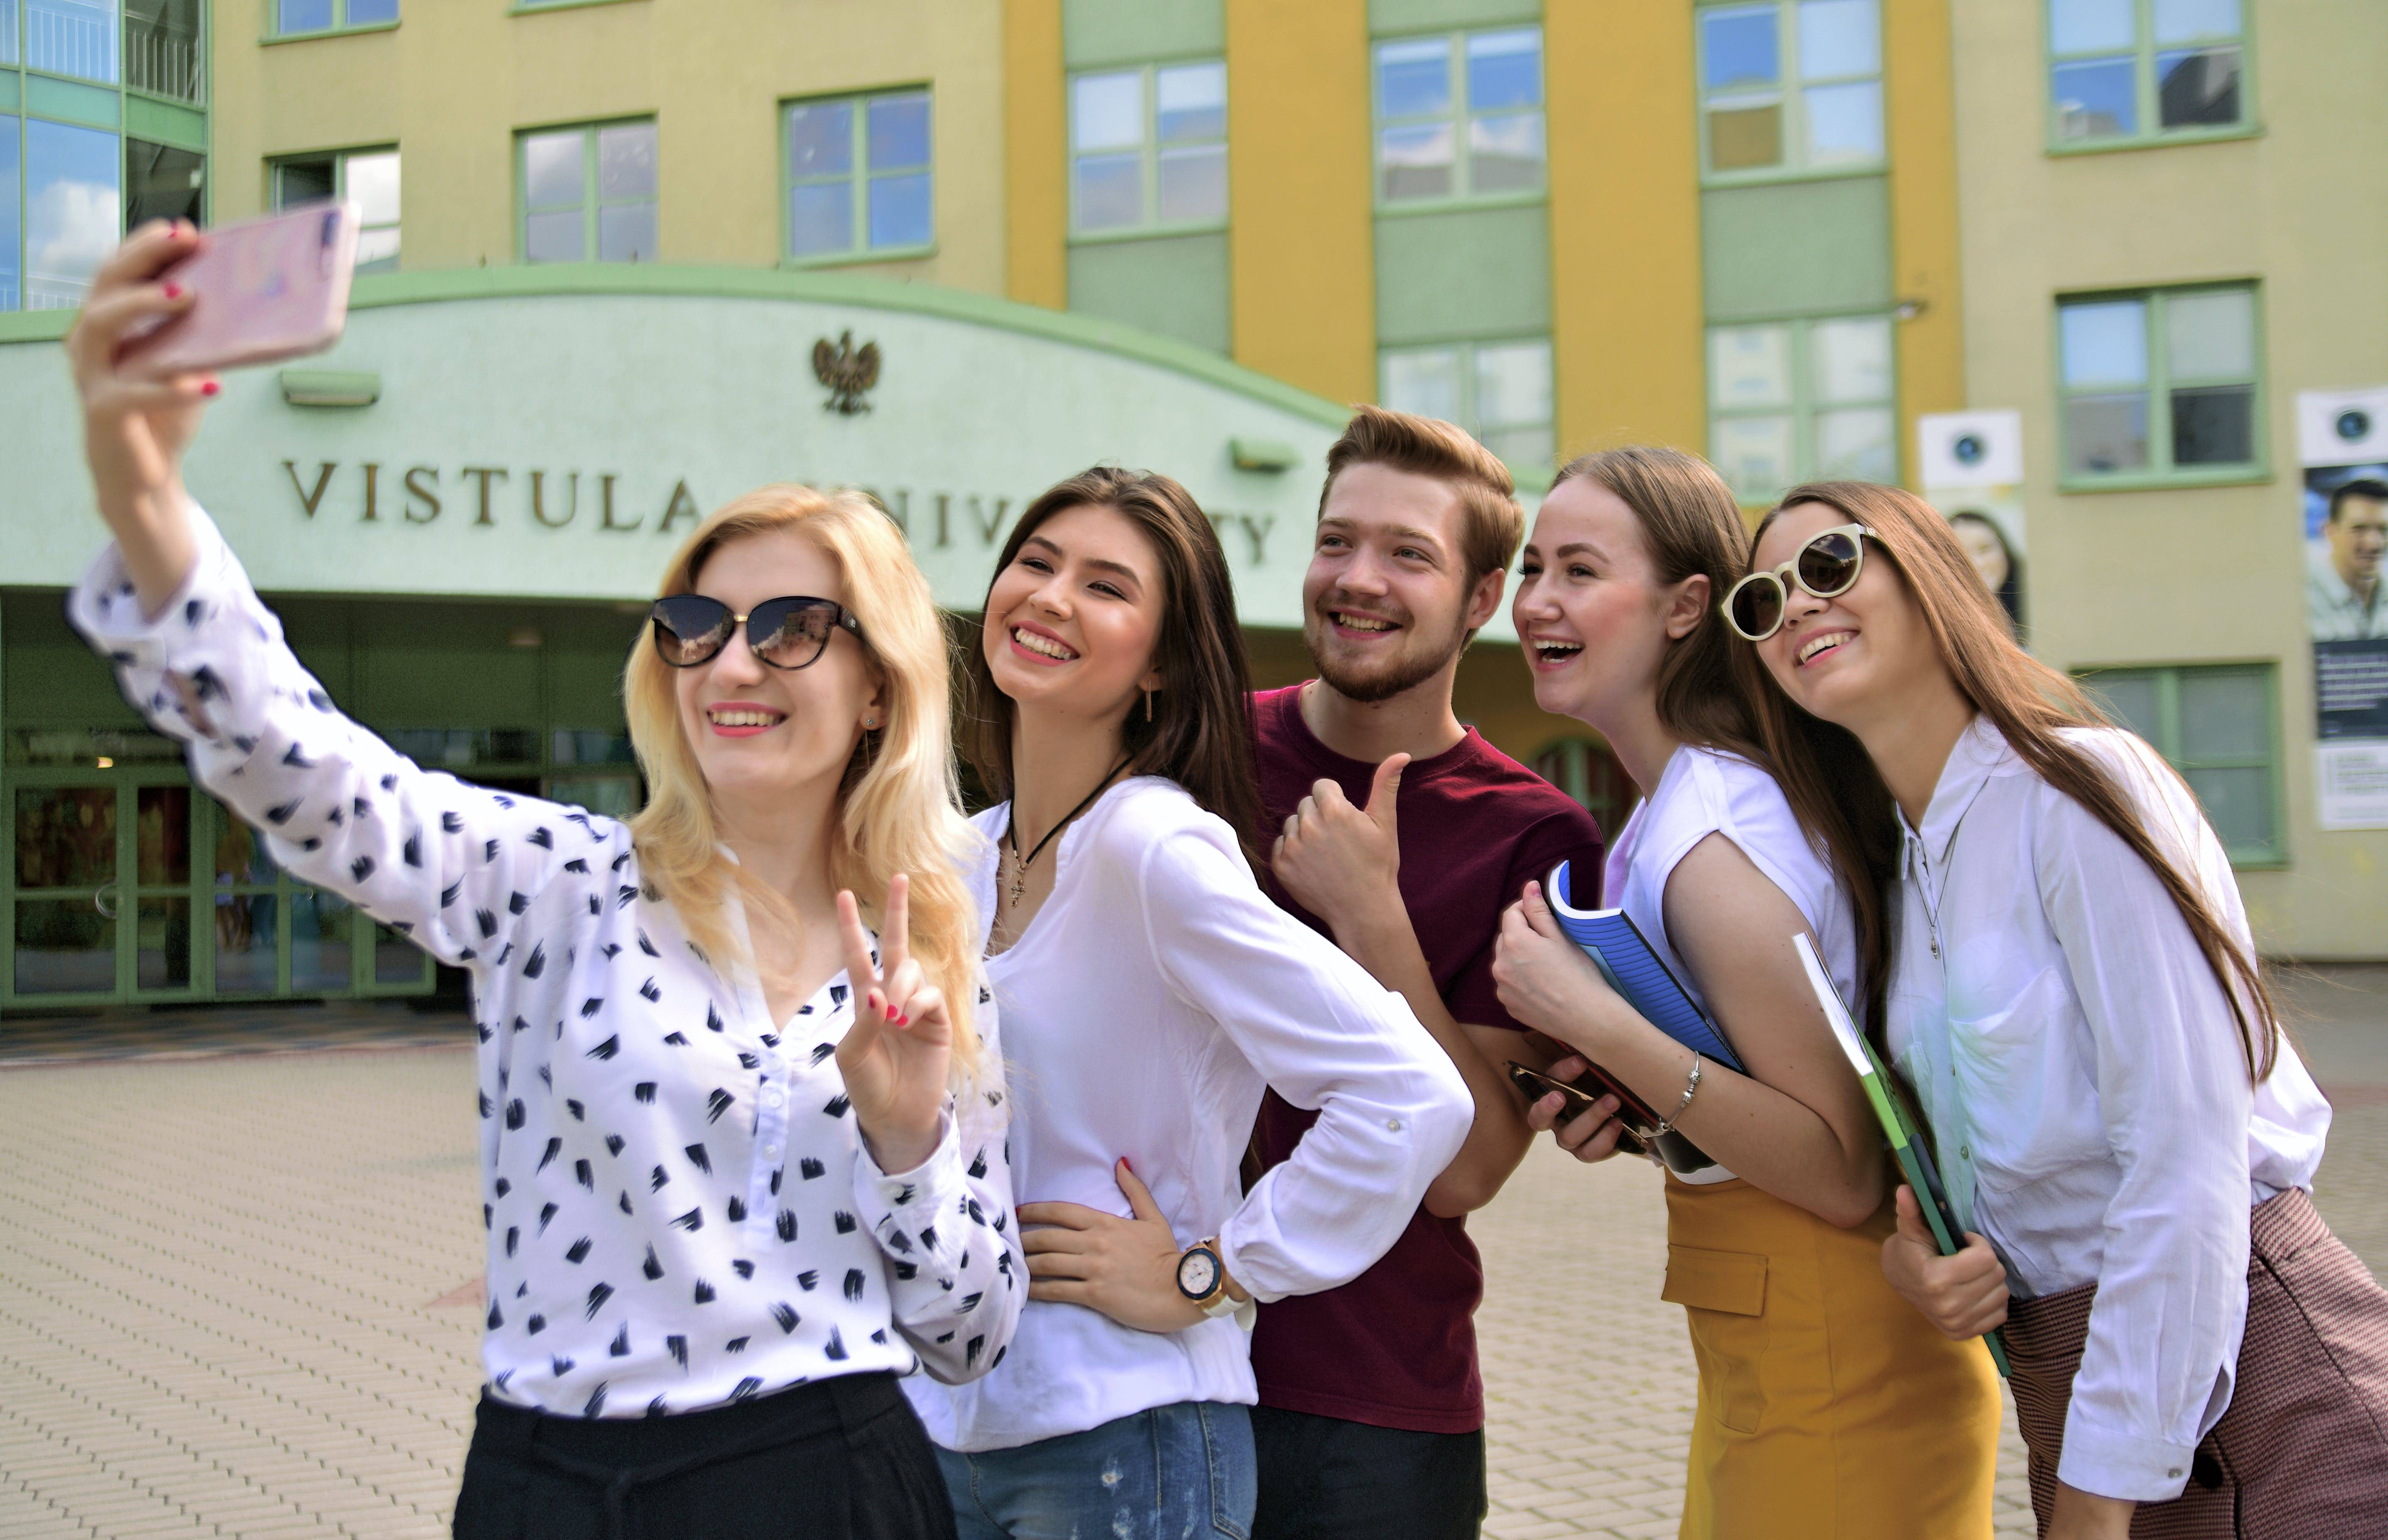 Университеты польши цены | государственные вузы польши для украинцев, стоимость обучения | освитаполь